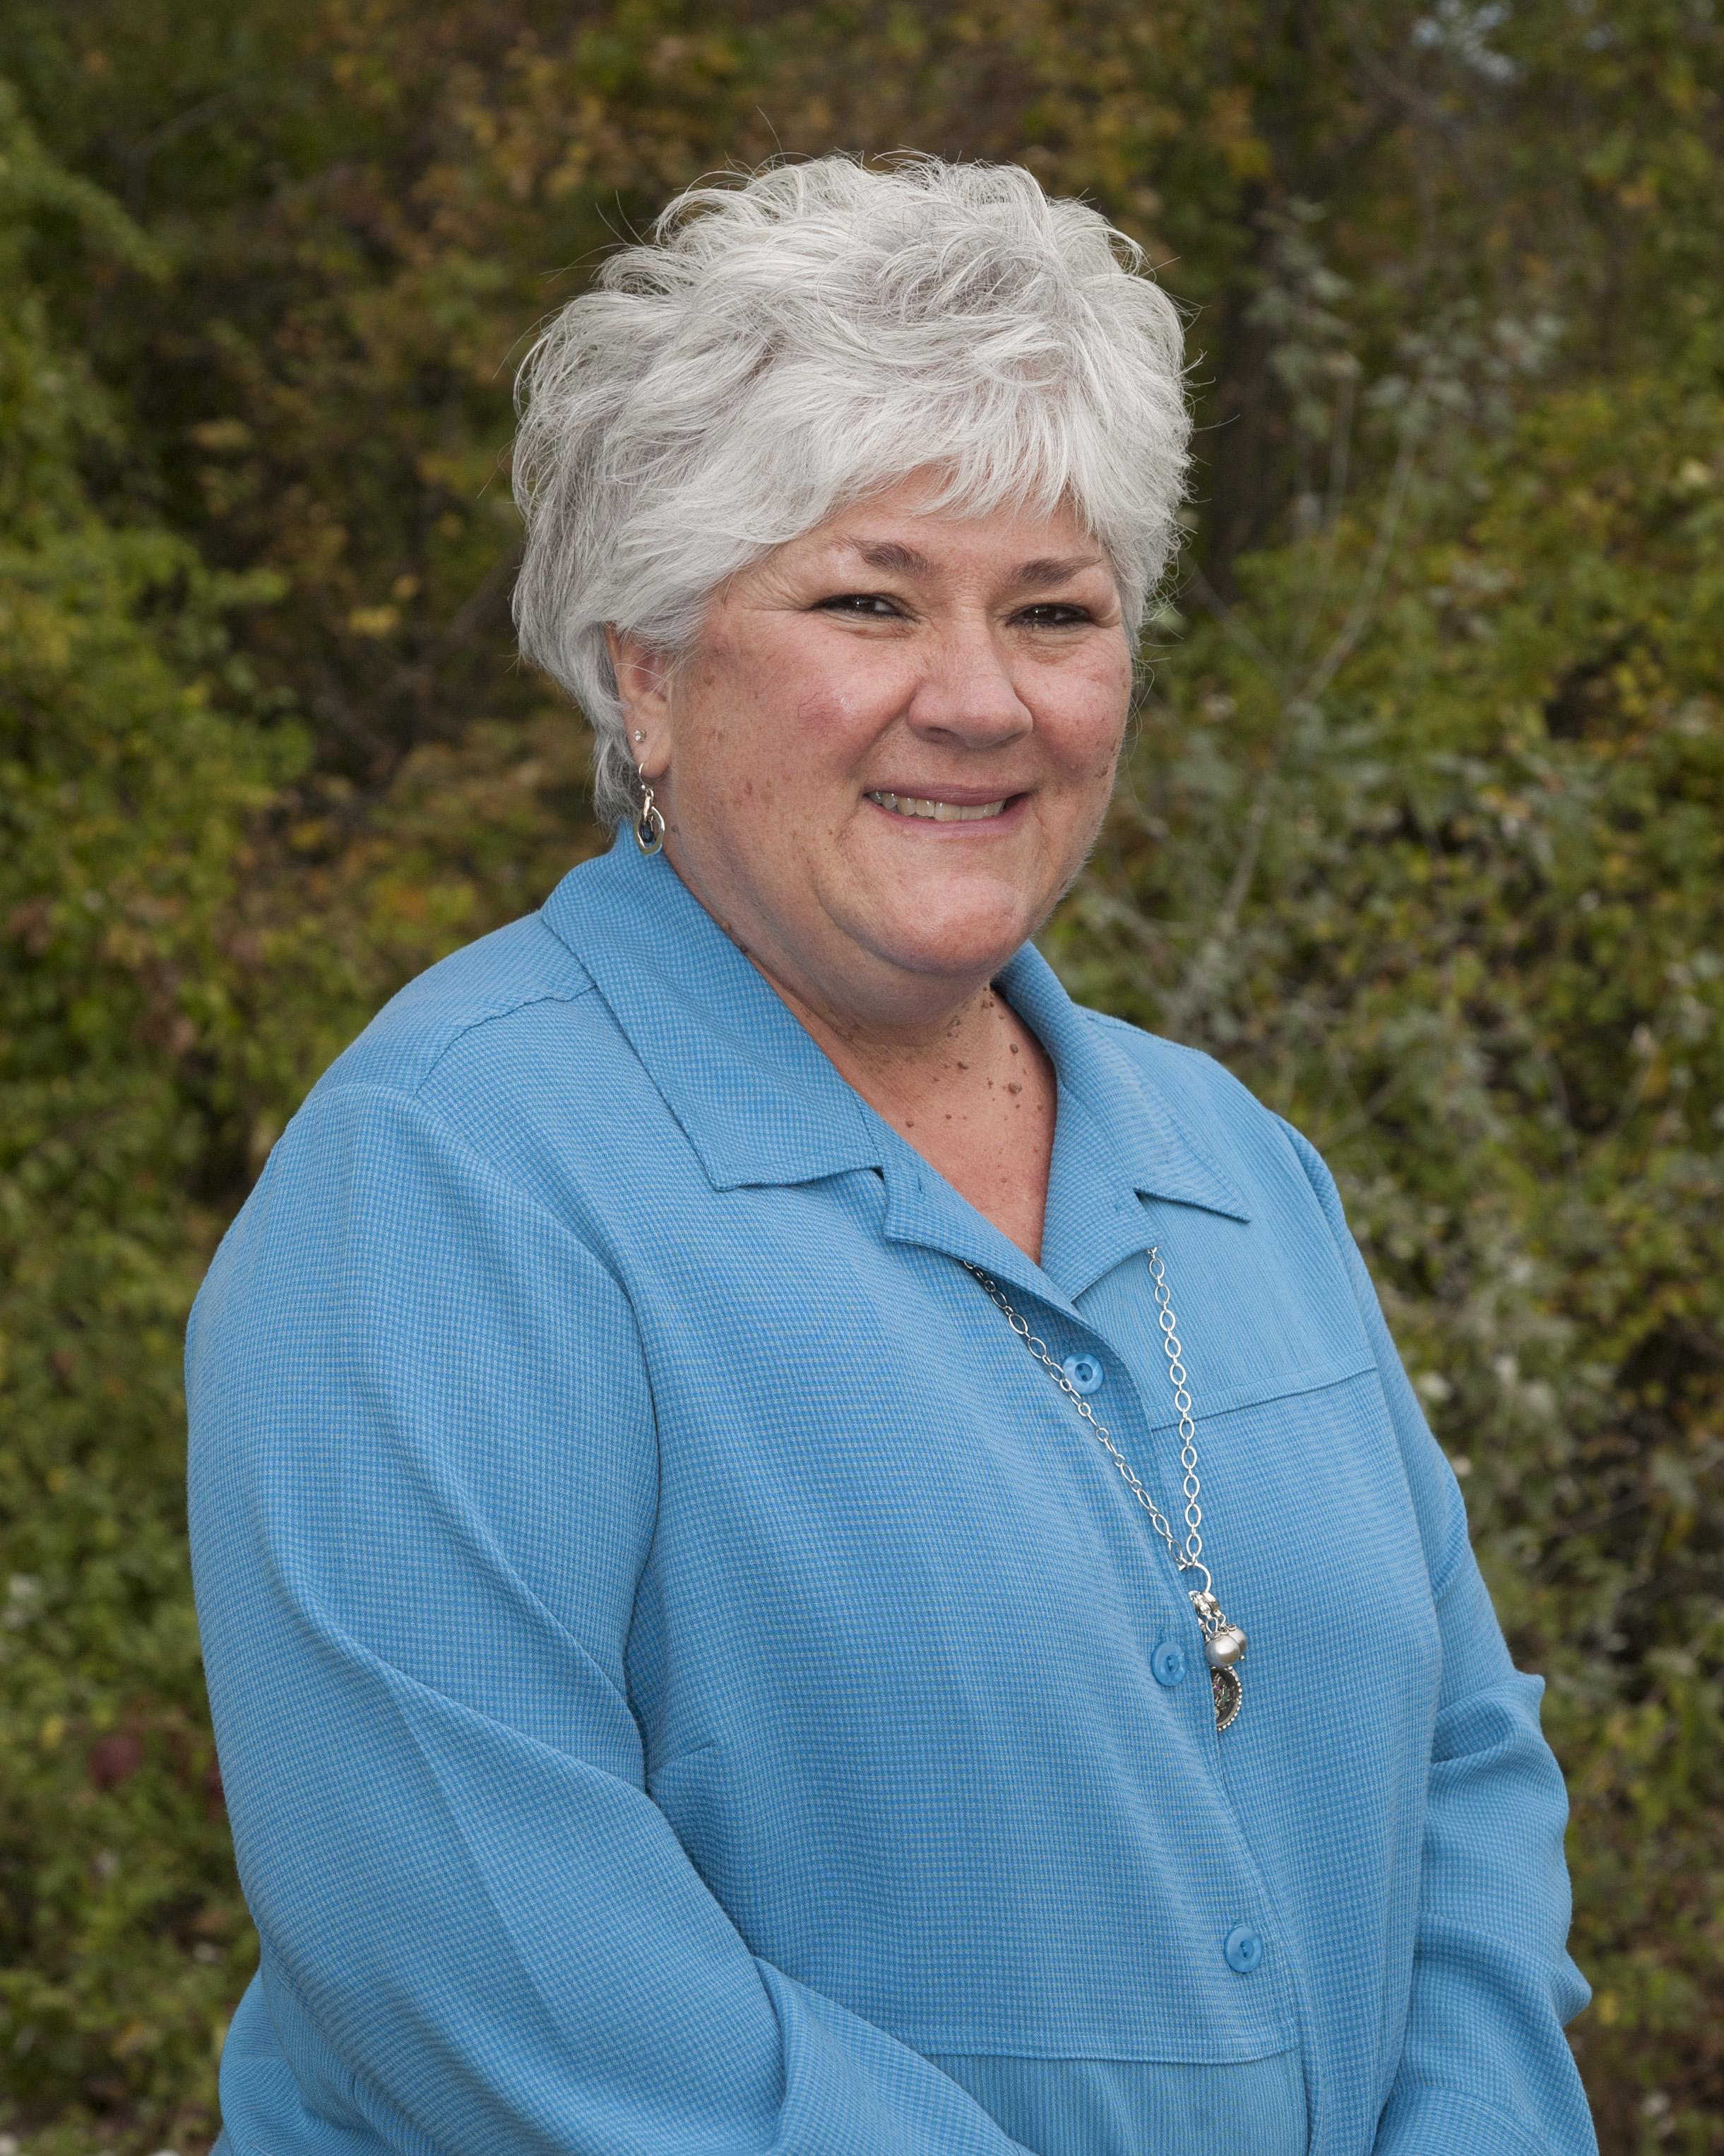 Renee Entenmann